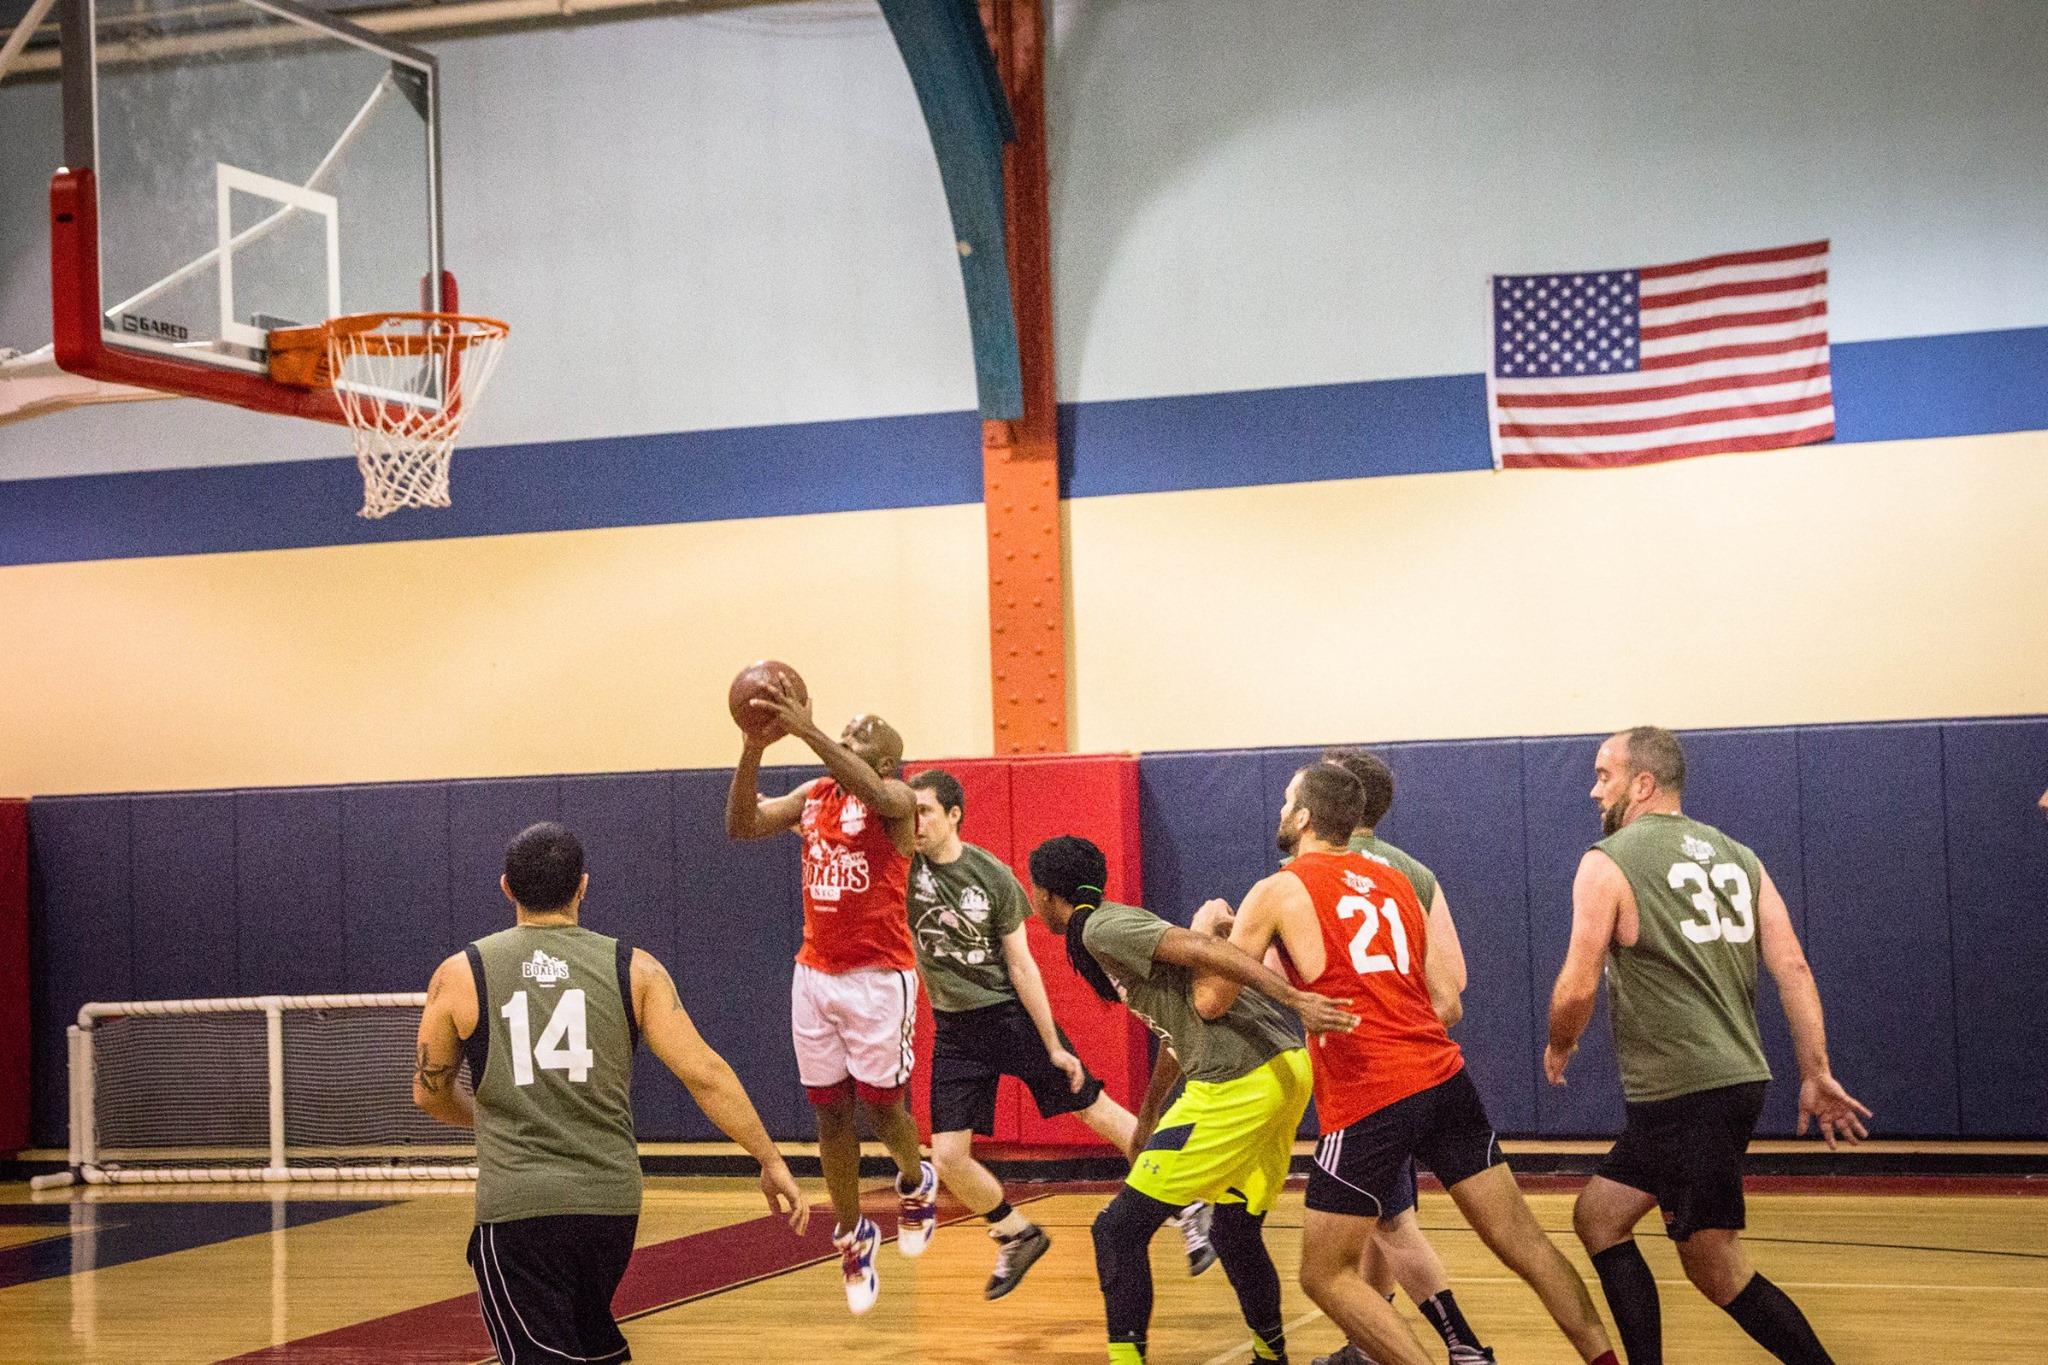 from Dario gay basketball league